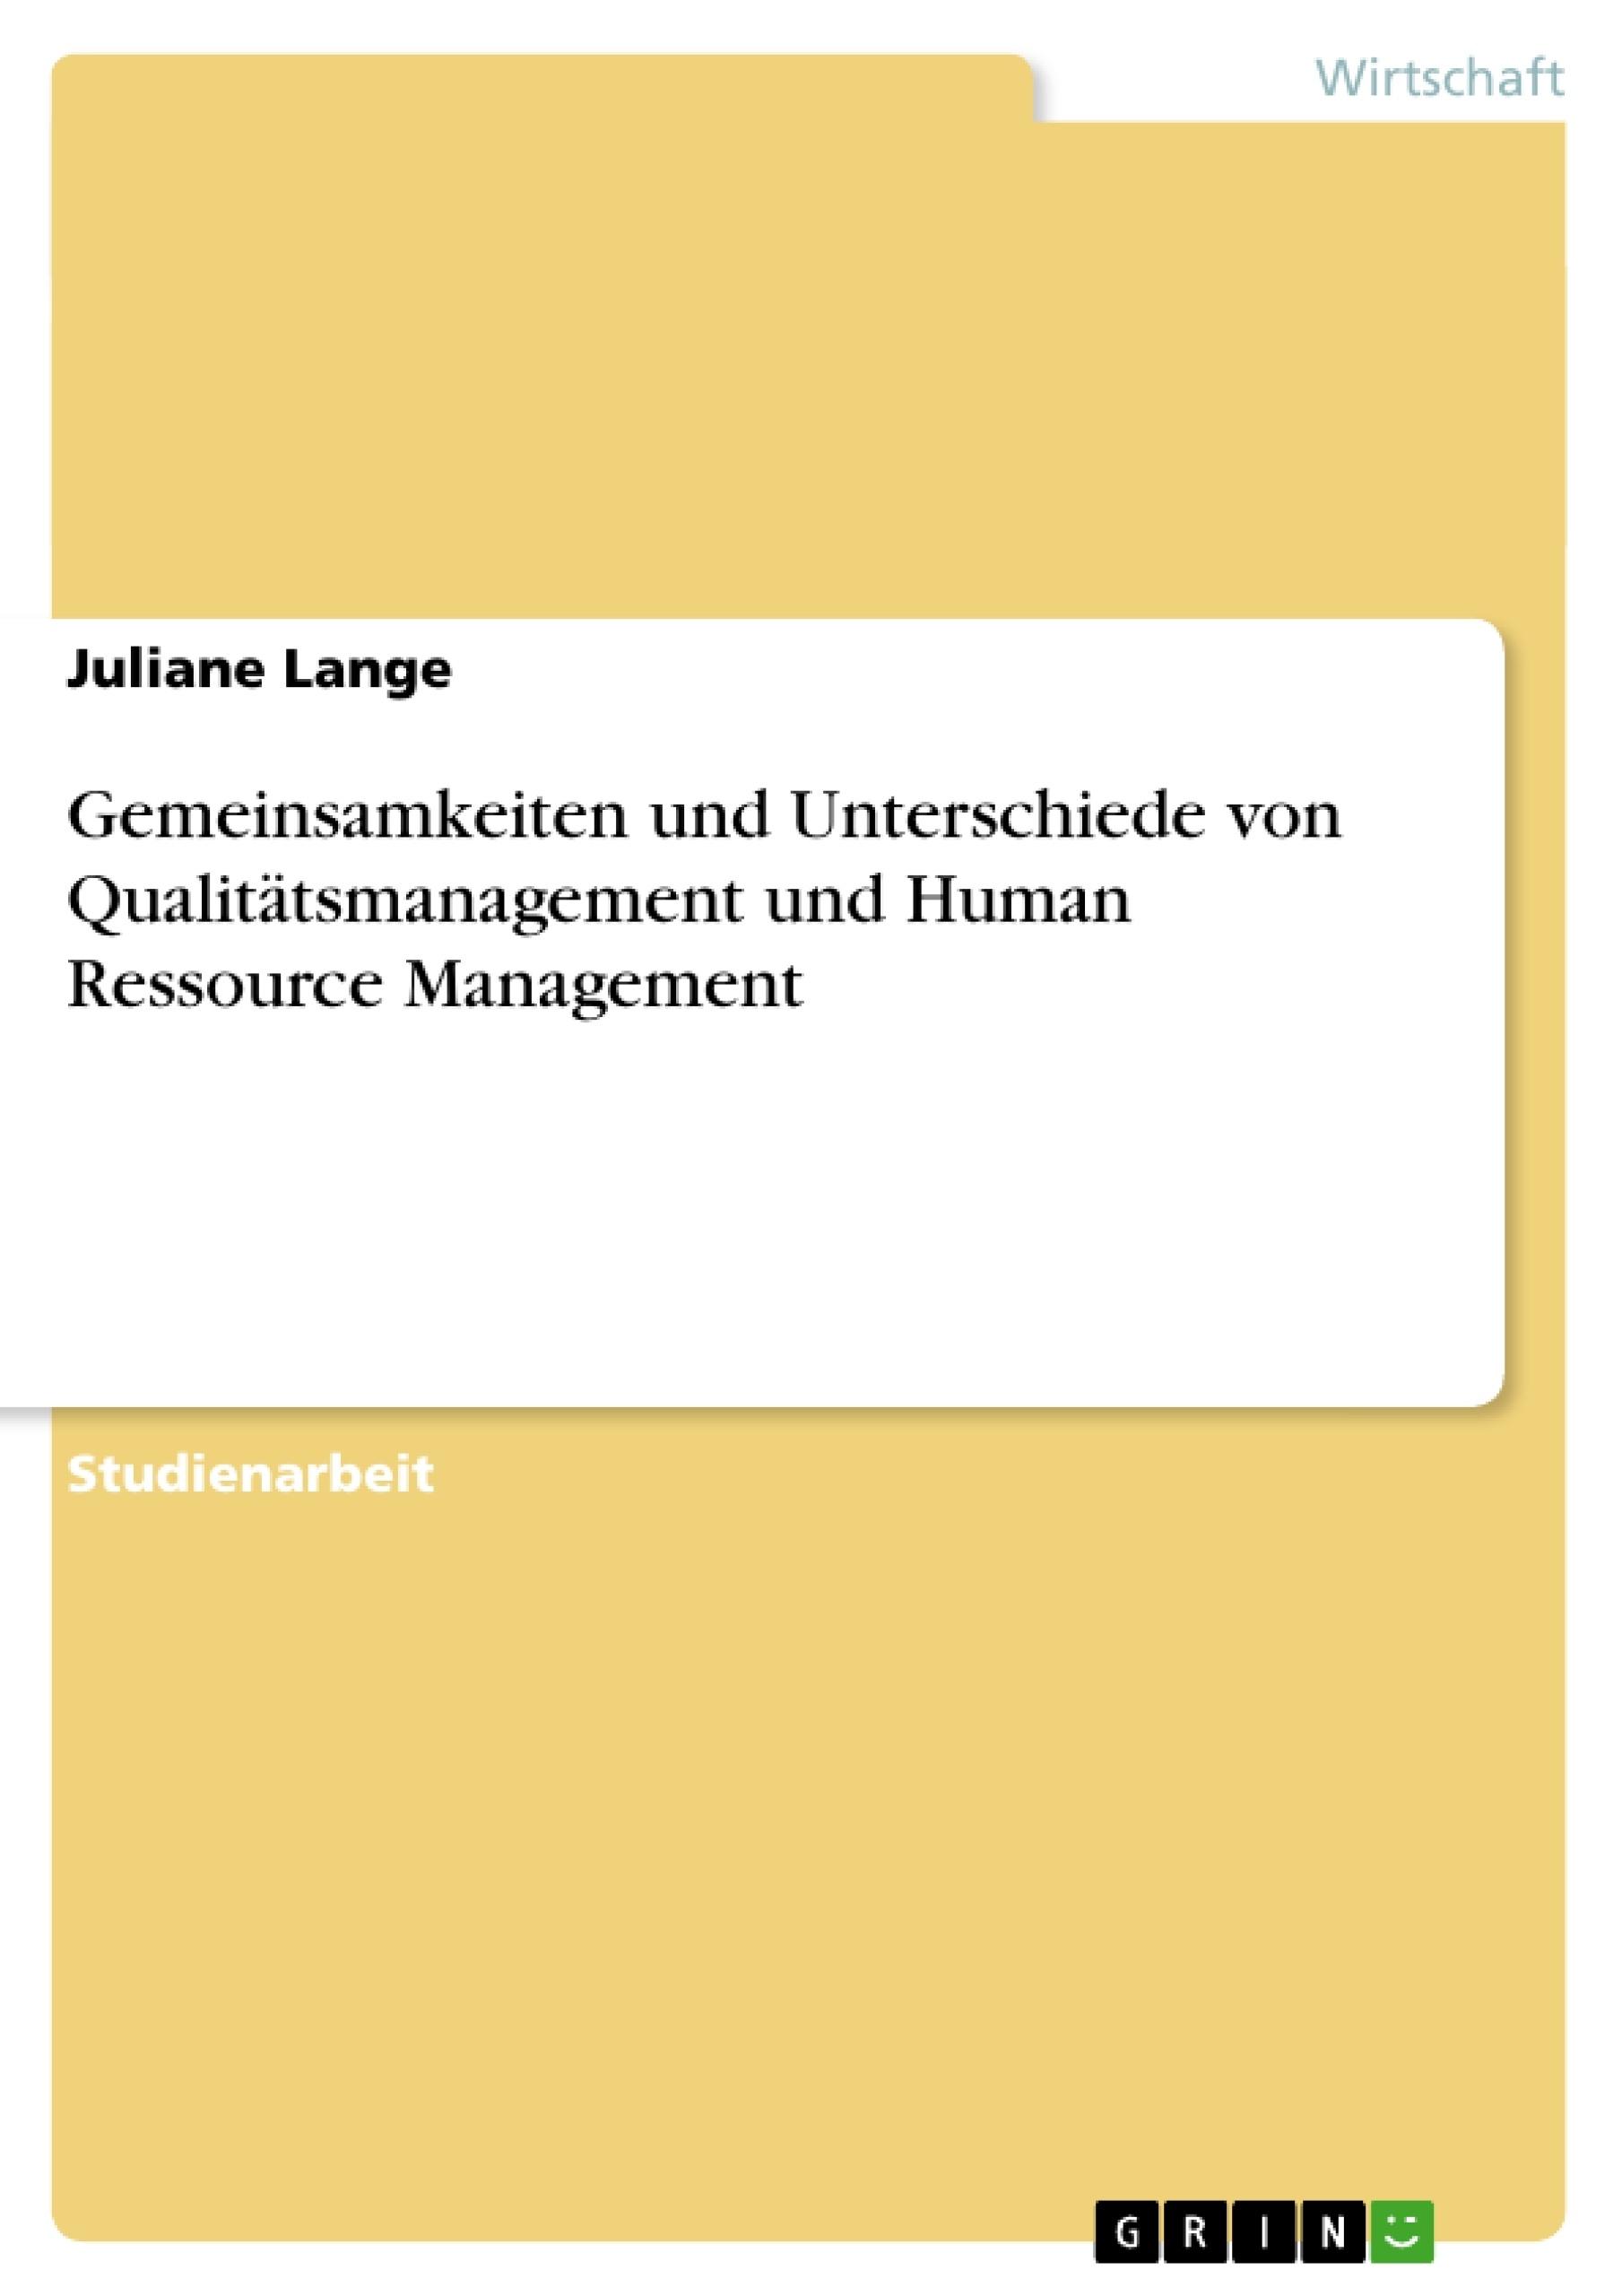 Titel: Gemeinsamkeiten und Unterschiede von Qualitätsmanagement und Human Ressource Management